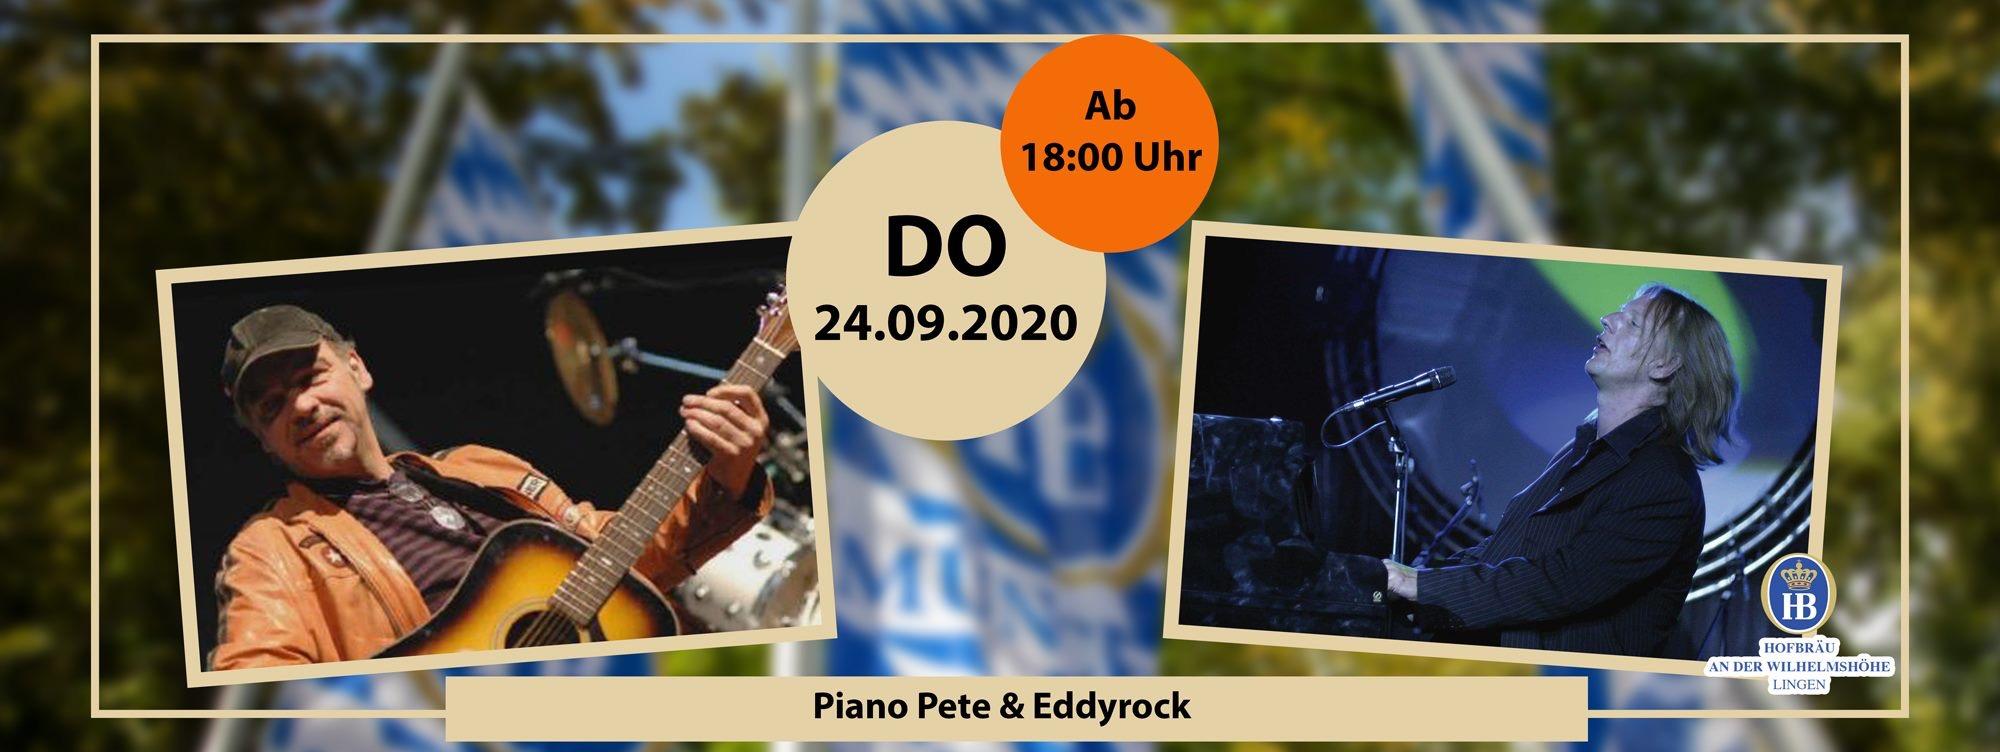 Piano Pete & Eddyrock